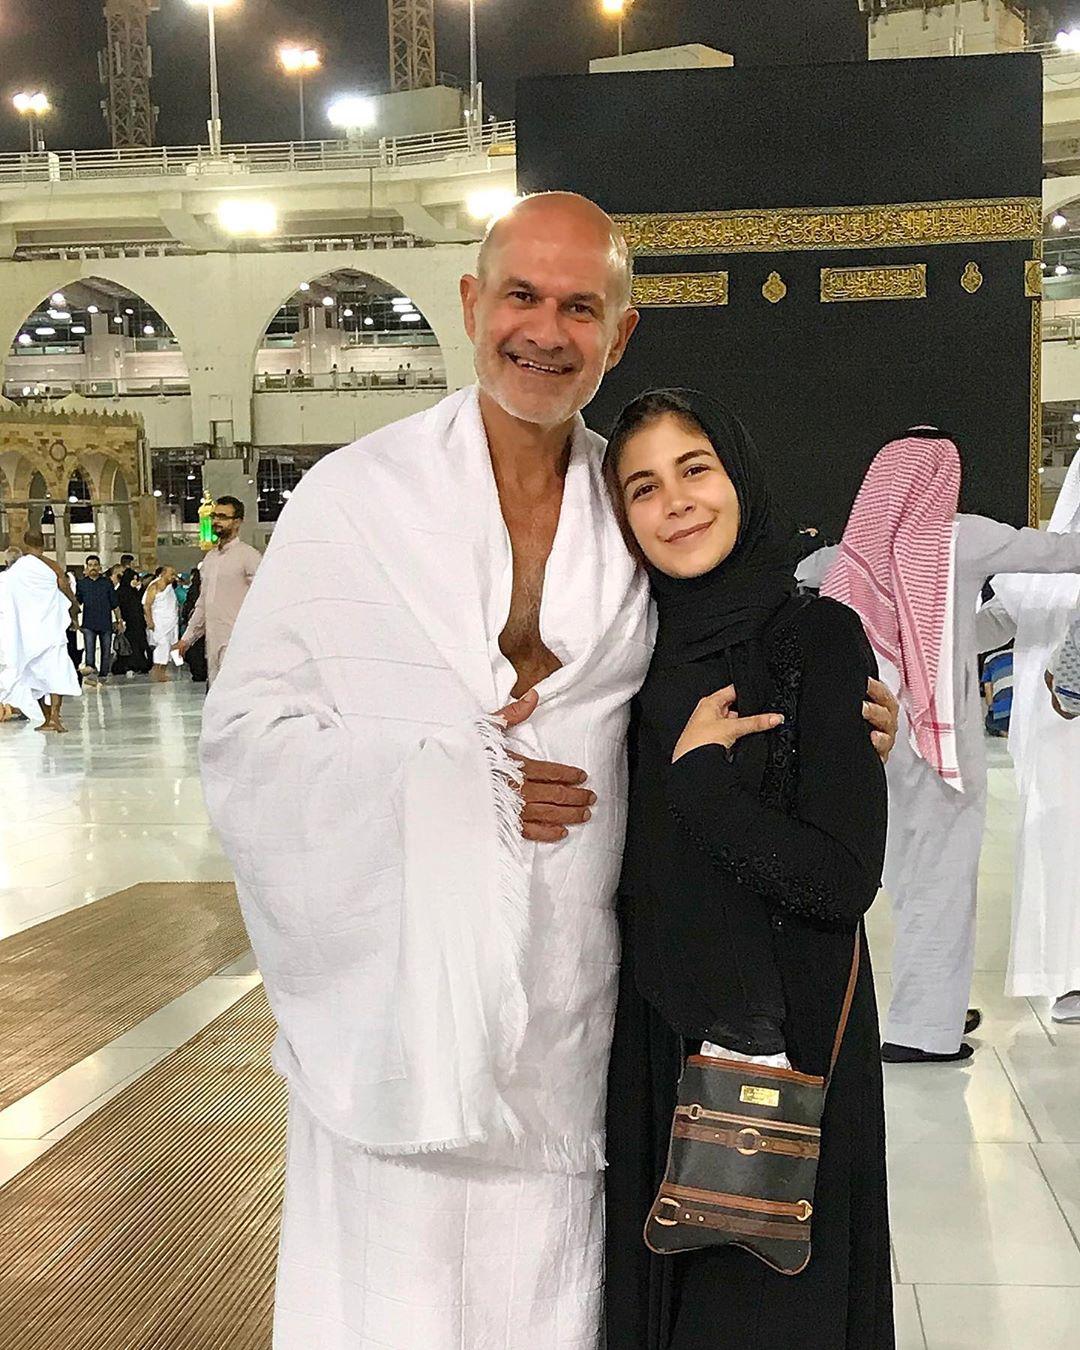 ملك مع والدها محمد قورة